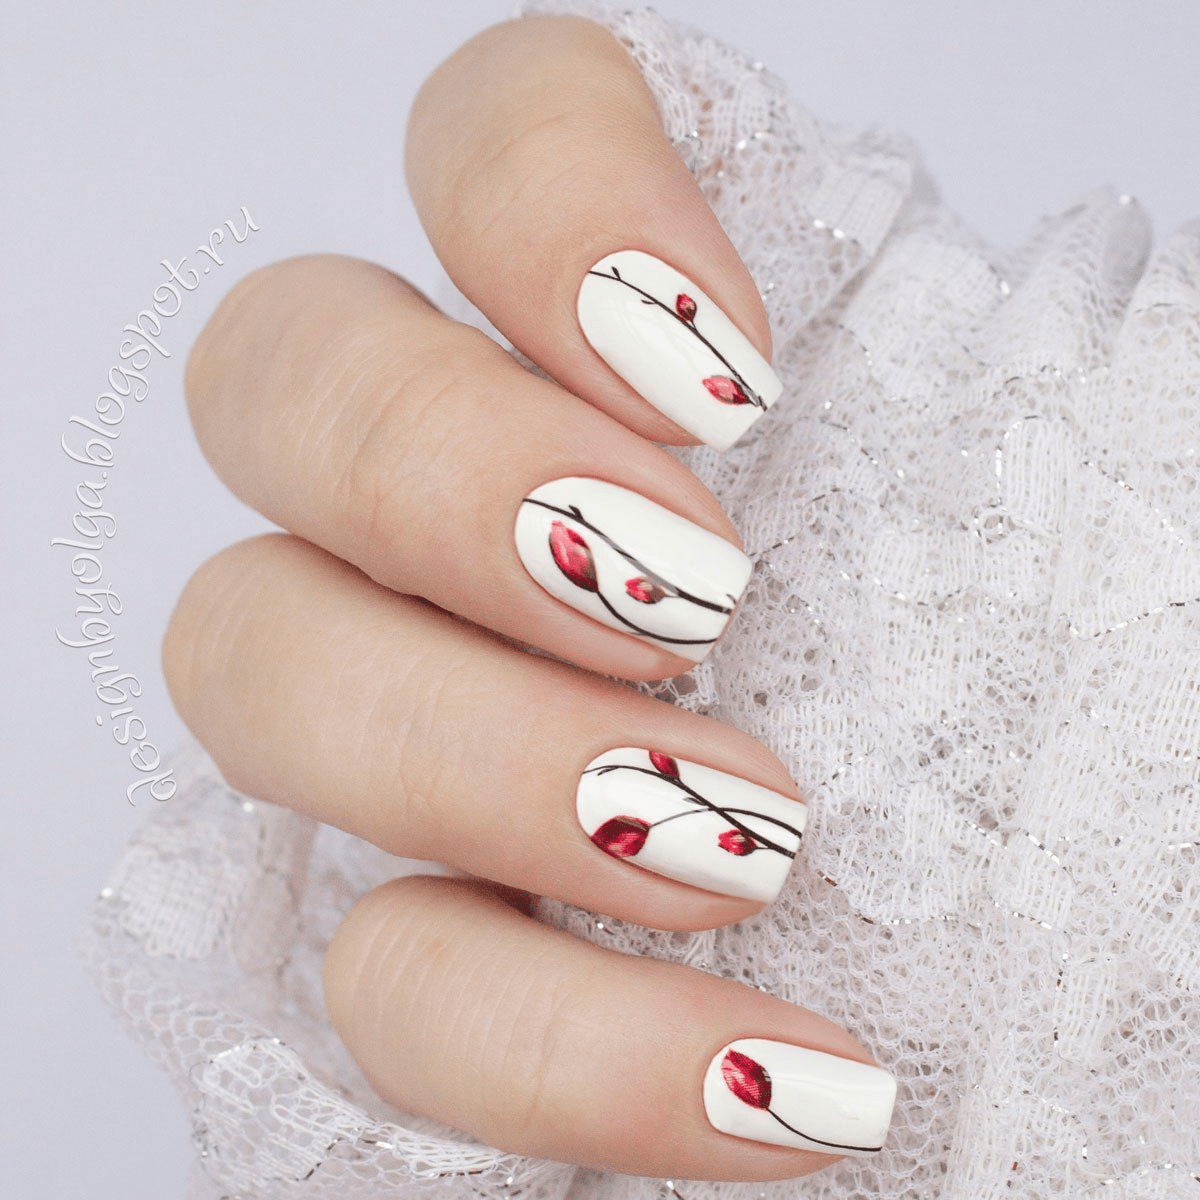 Móng tay trắng với hoa